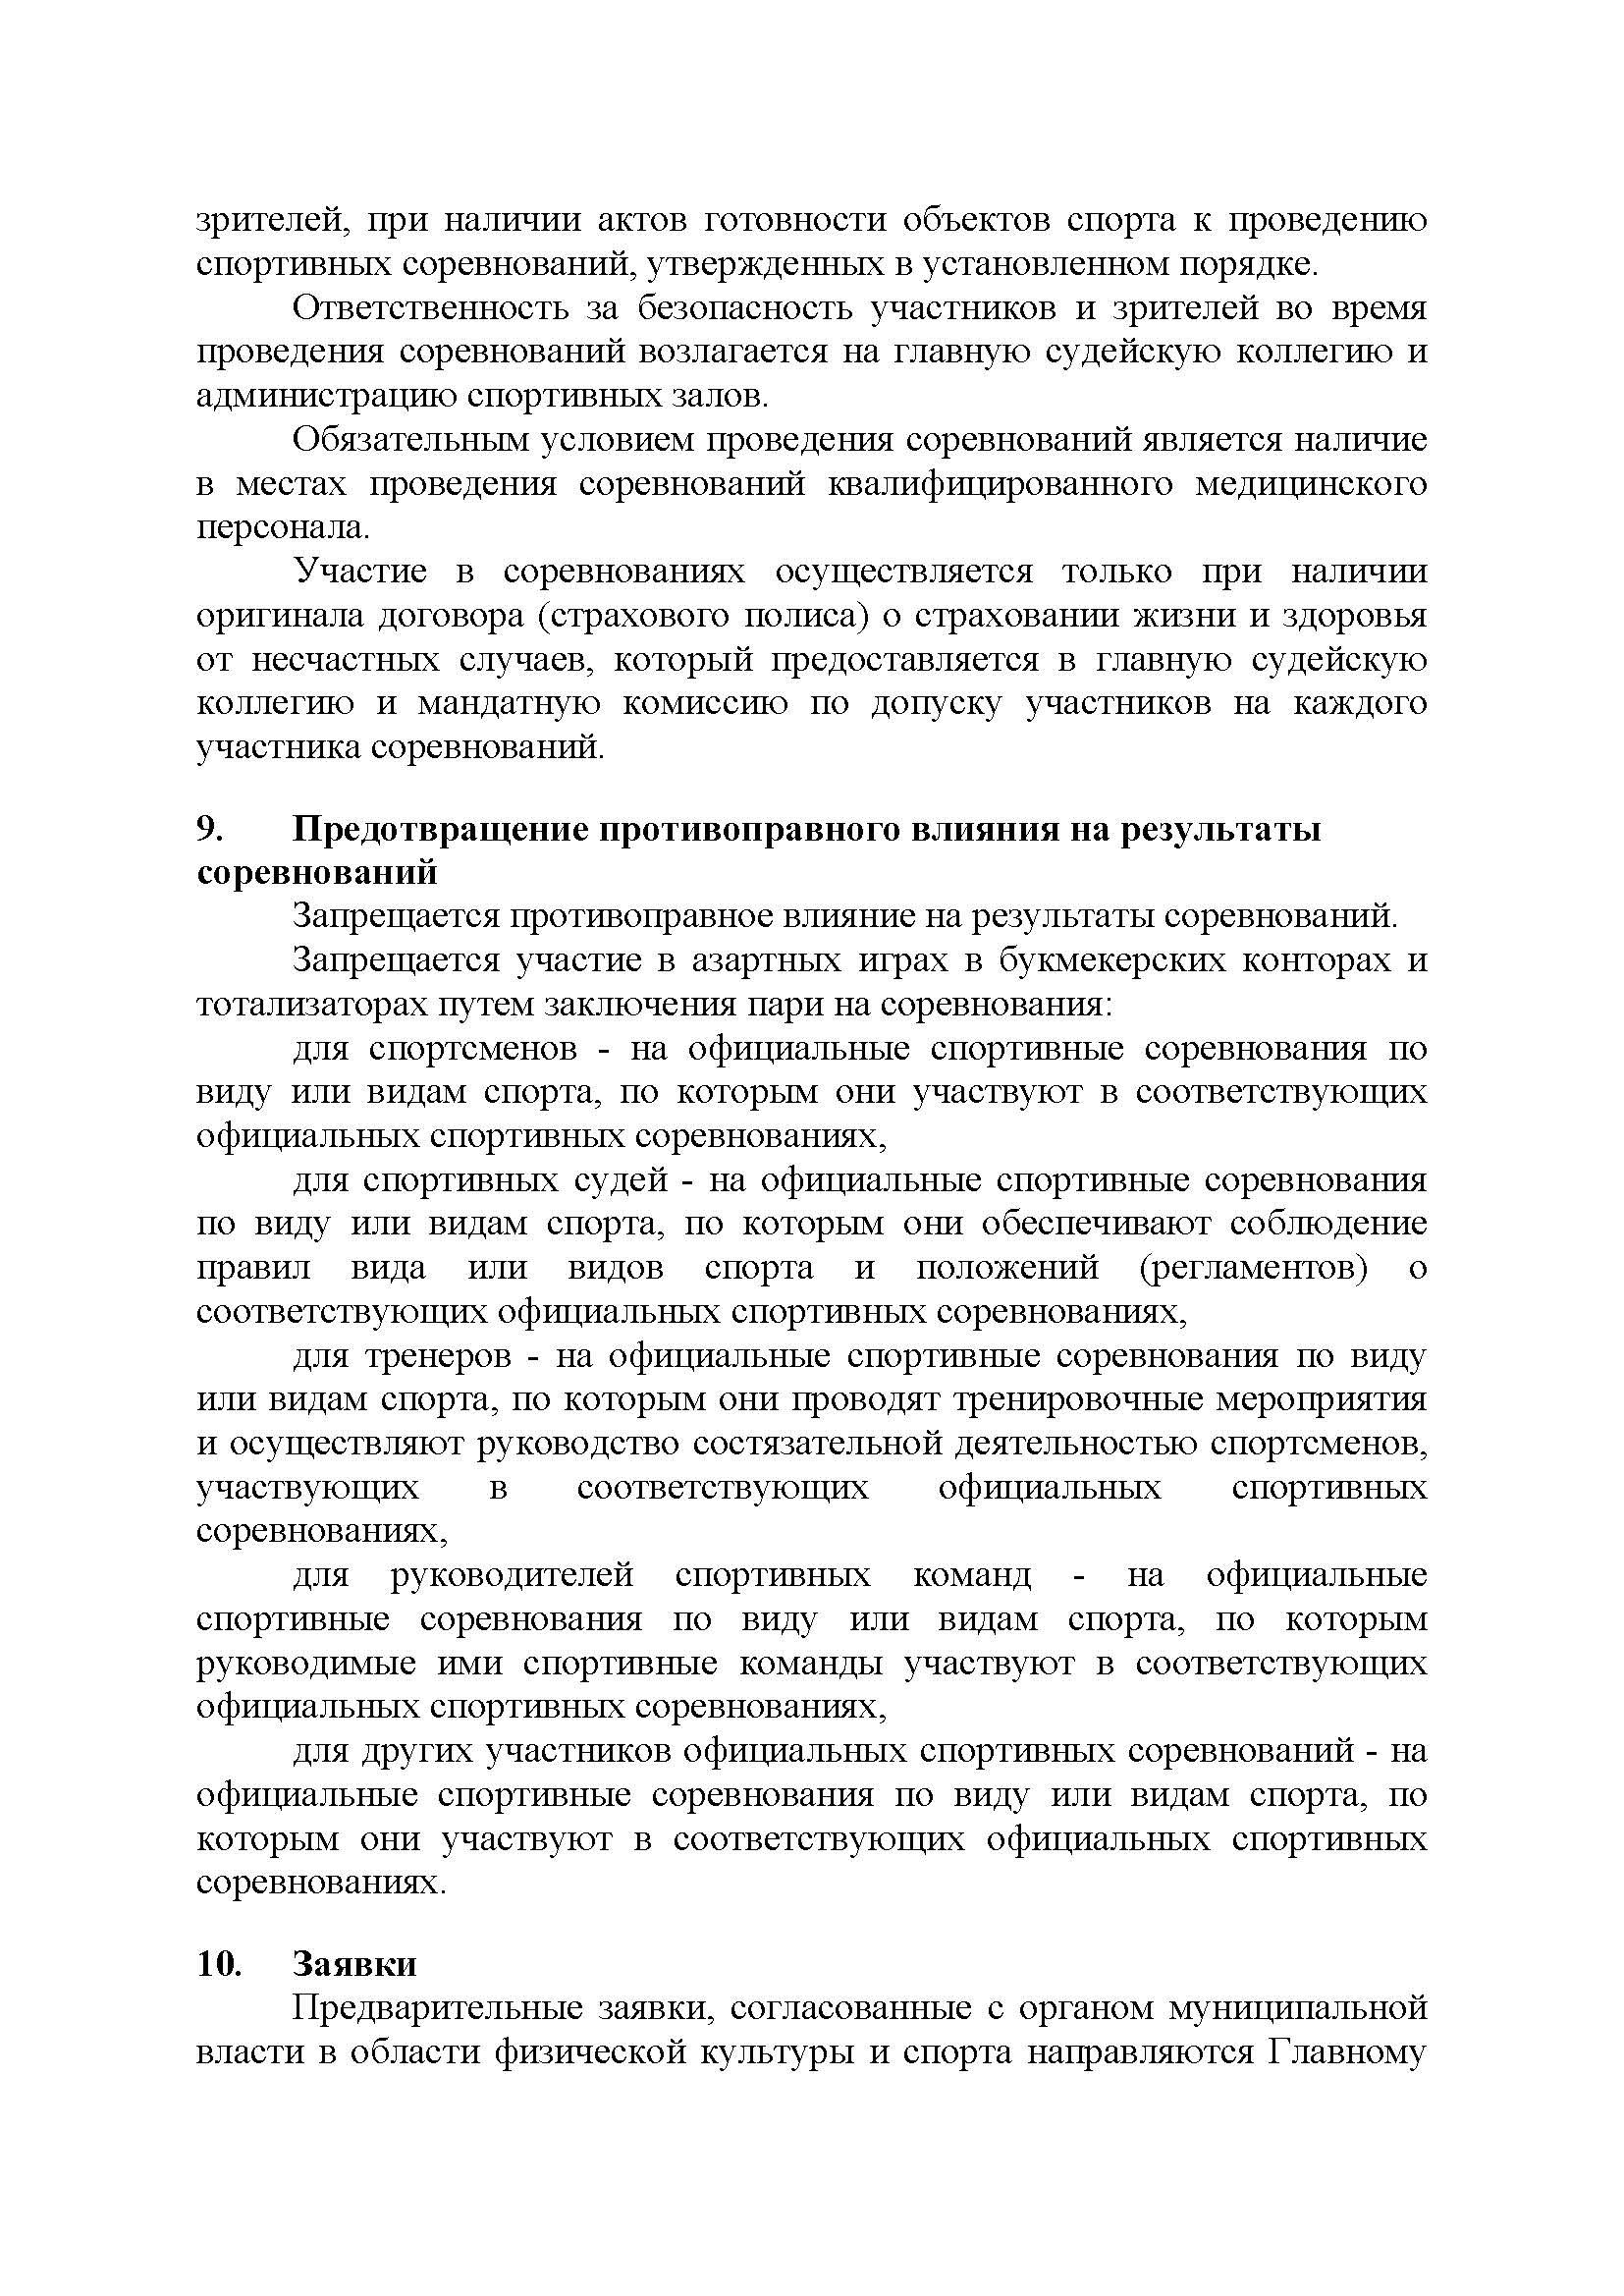 Положение СЗФО каратэ 2018_Страница_3